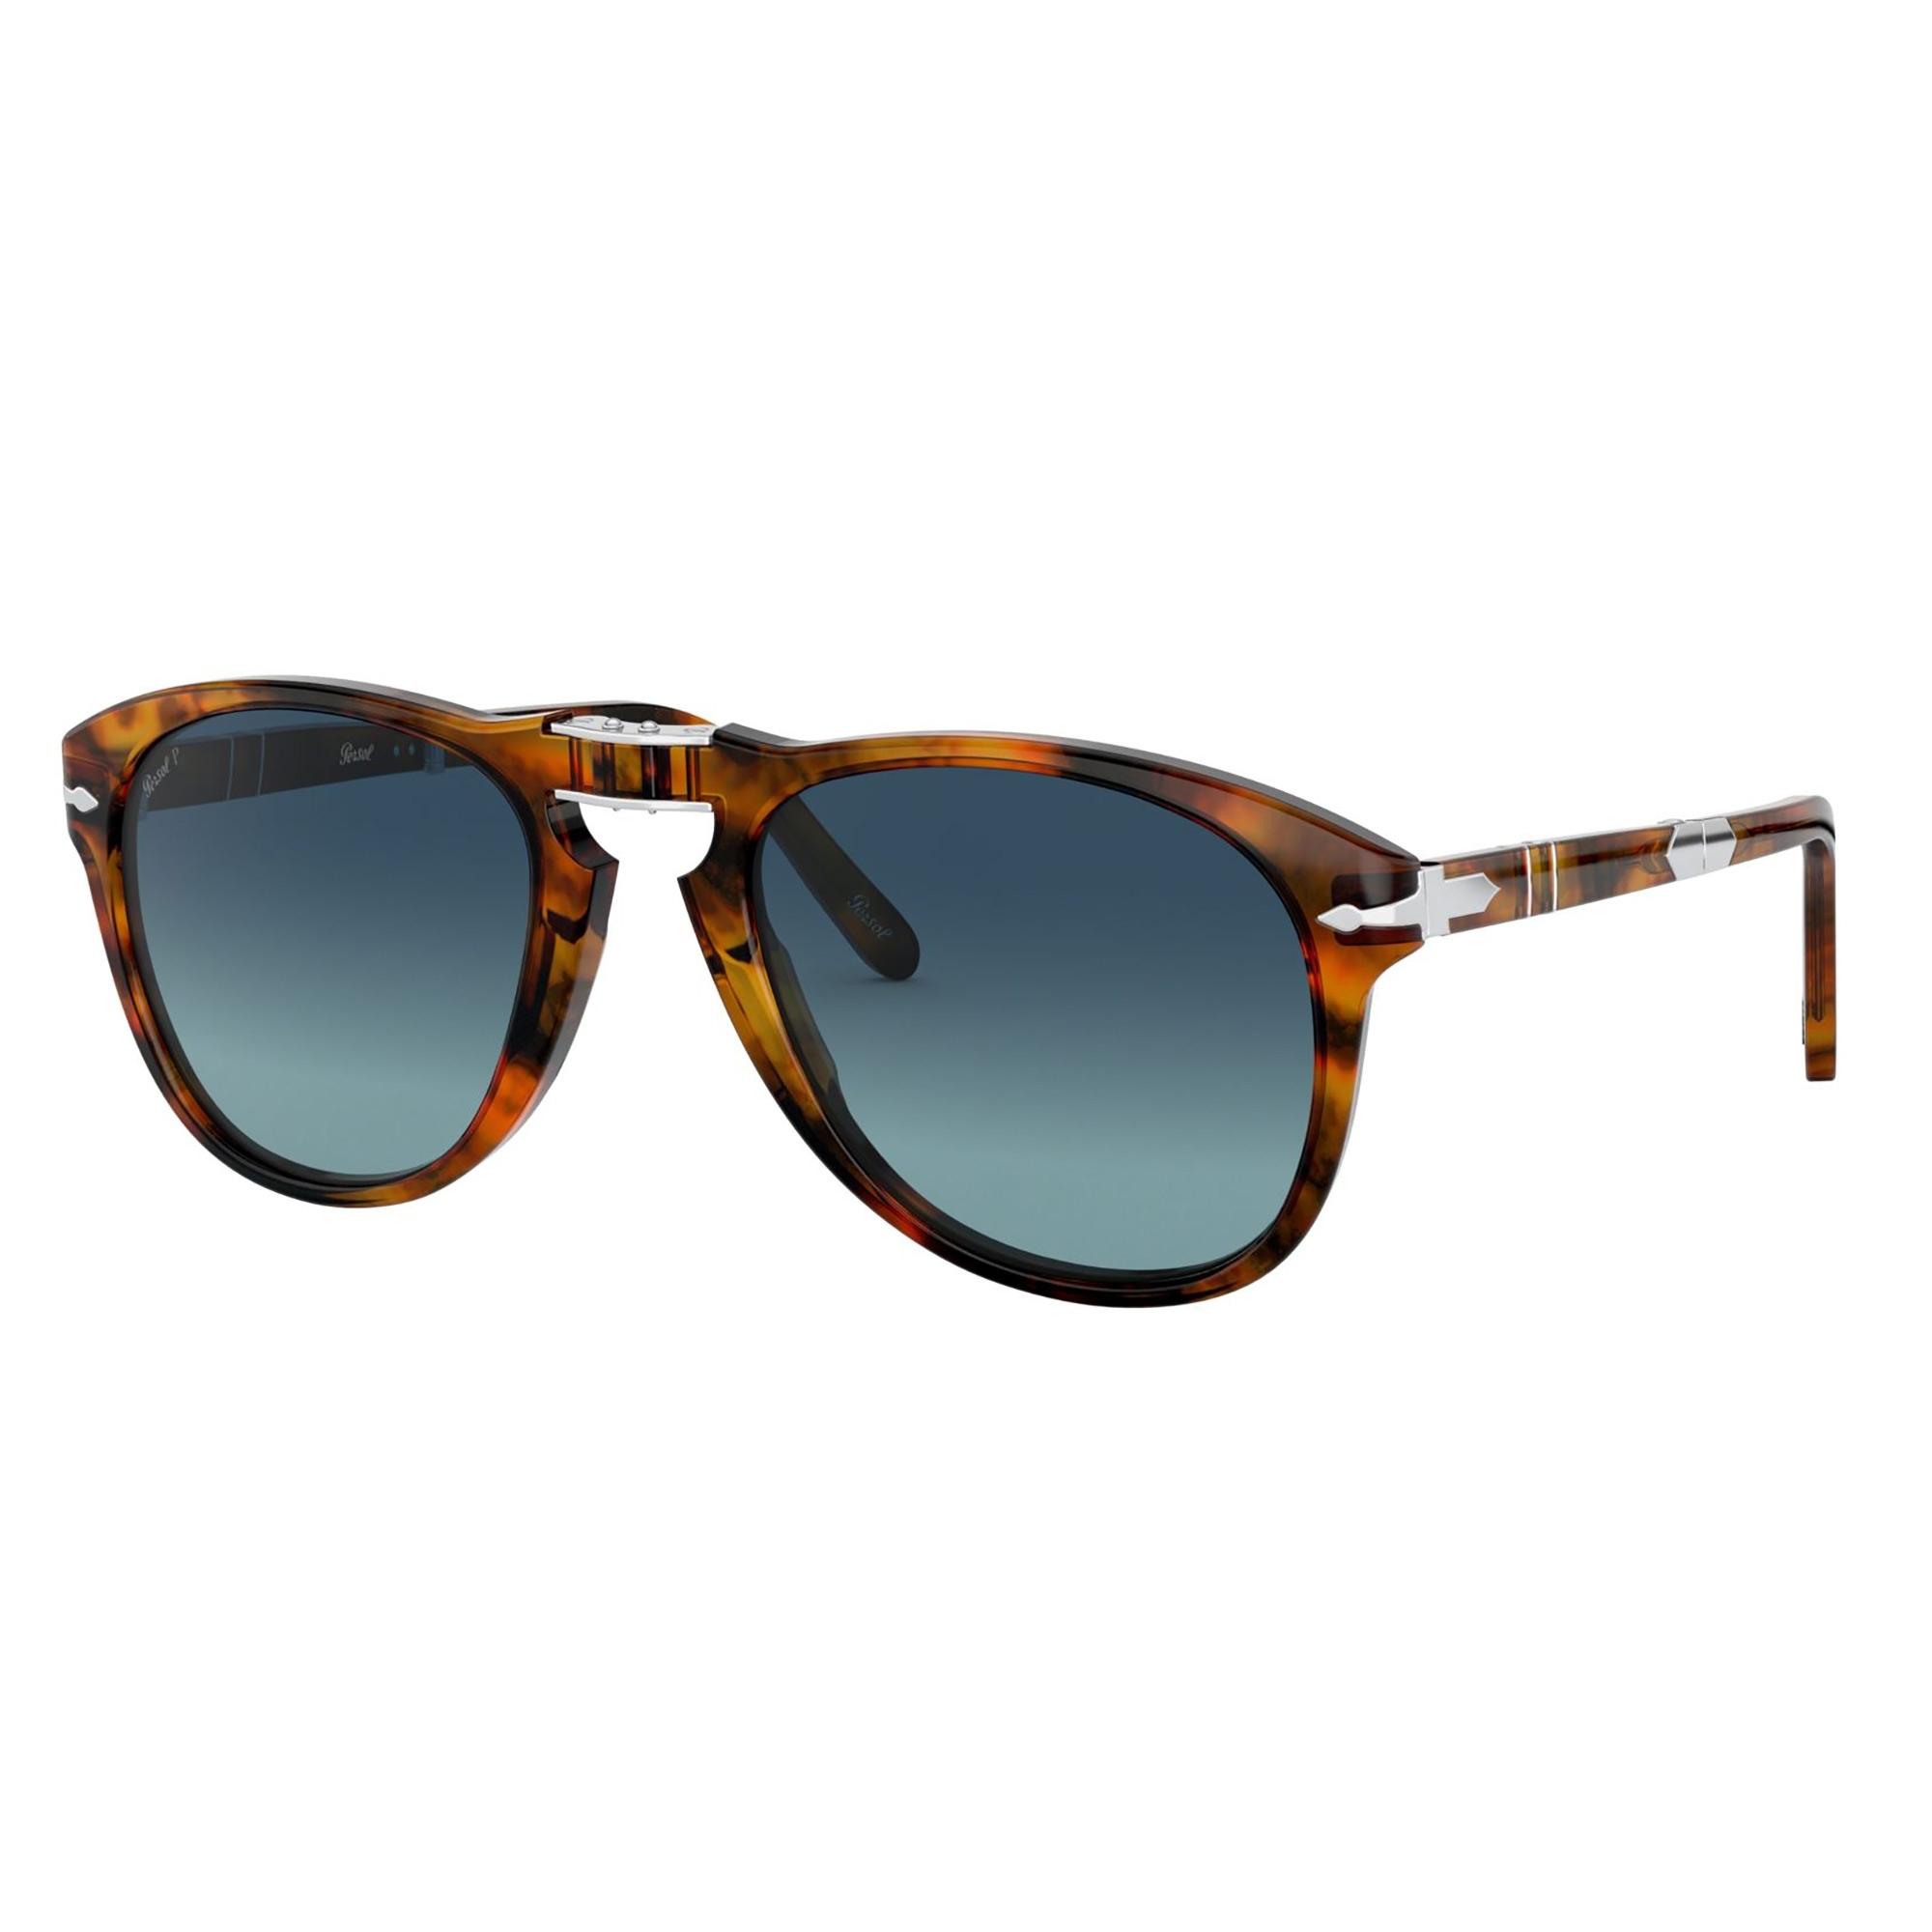 4c5a7db9622b Persol London Store | PO0714SM-108S3 | Steve McQueen Sunglasses